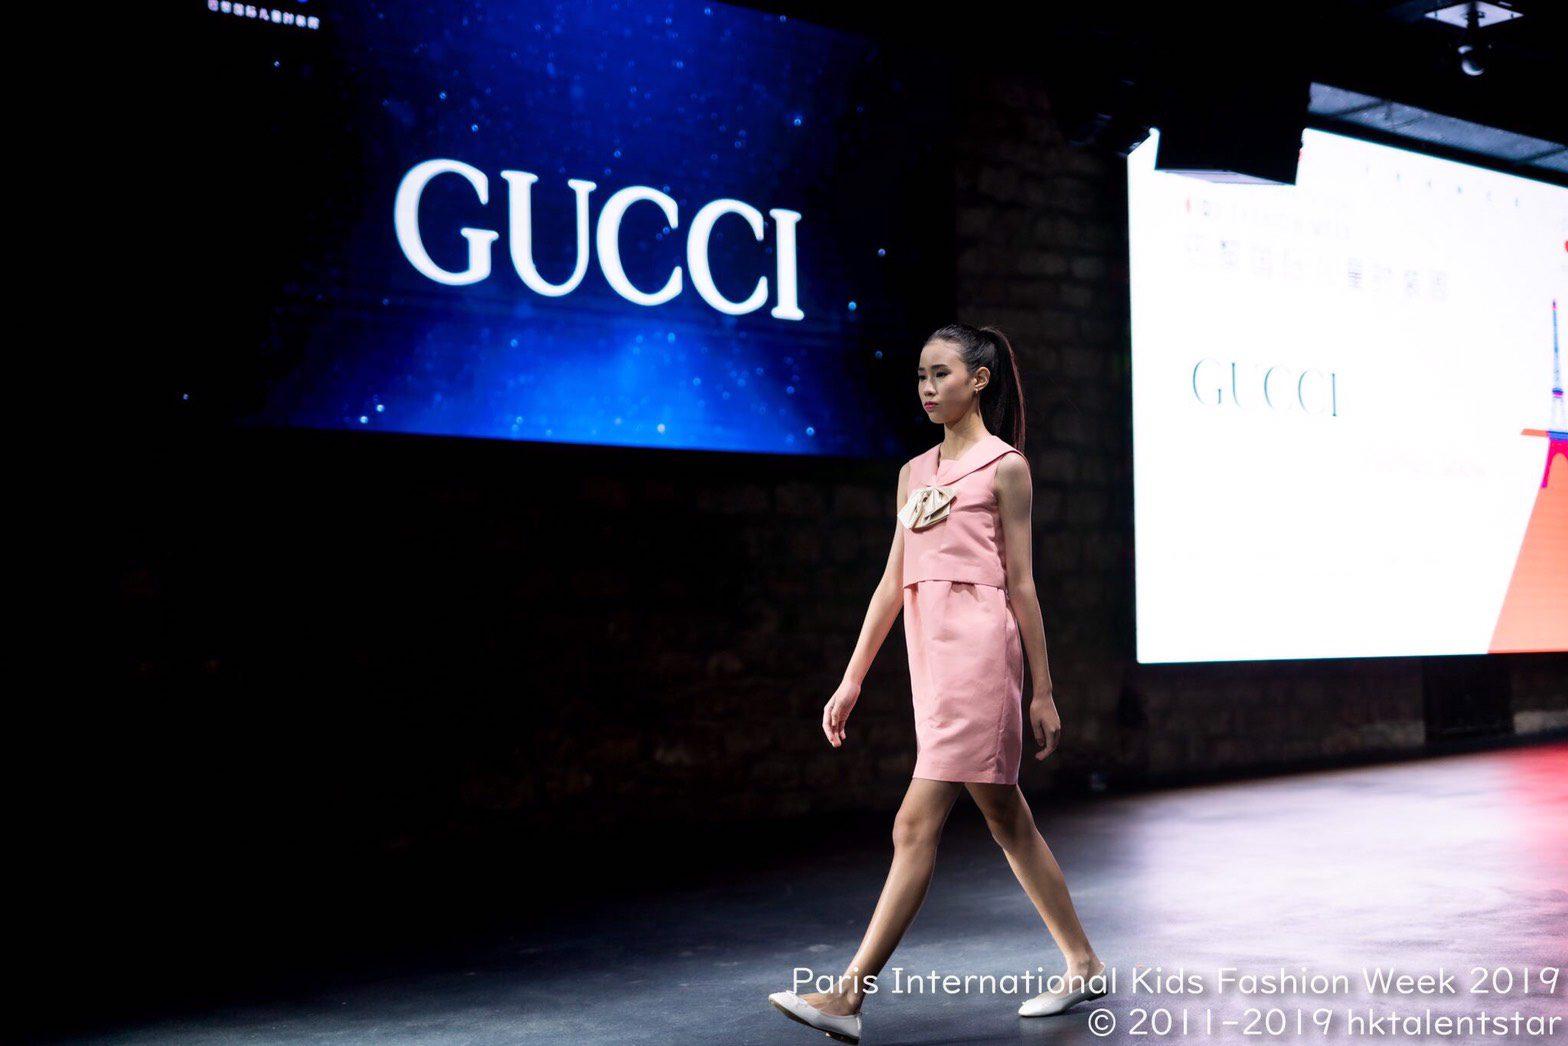 """เด็กไทยเจ๋ง ! """"น้องอลิส สิริรัตนา"""" สร้างชื่อก้องโลกฝ่าด่านอรหันต์ได้เดินแฟชั่นโชว์ระดับเวิลด์คลาสแบรนด์หรู """"Gucci"""" ที่ฝรั่งเศส"""